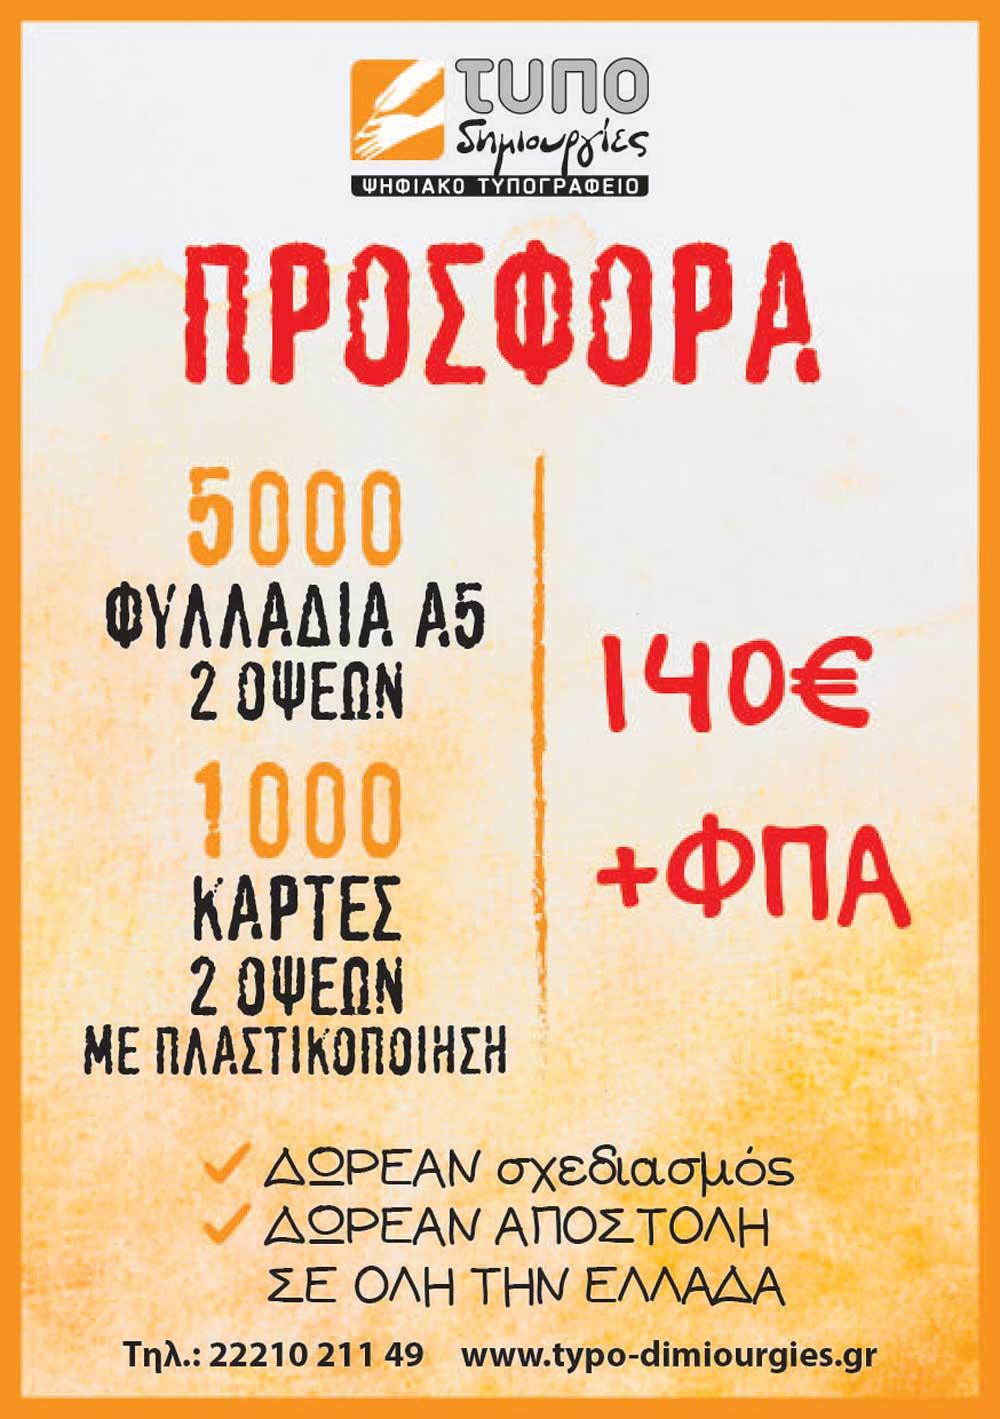 Προσφορά 5000 φυλλαδια Α5 + 1000 Επαγγελαμτικες κάρτες 2 όψεων με πλαστικοποίηση